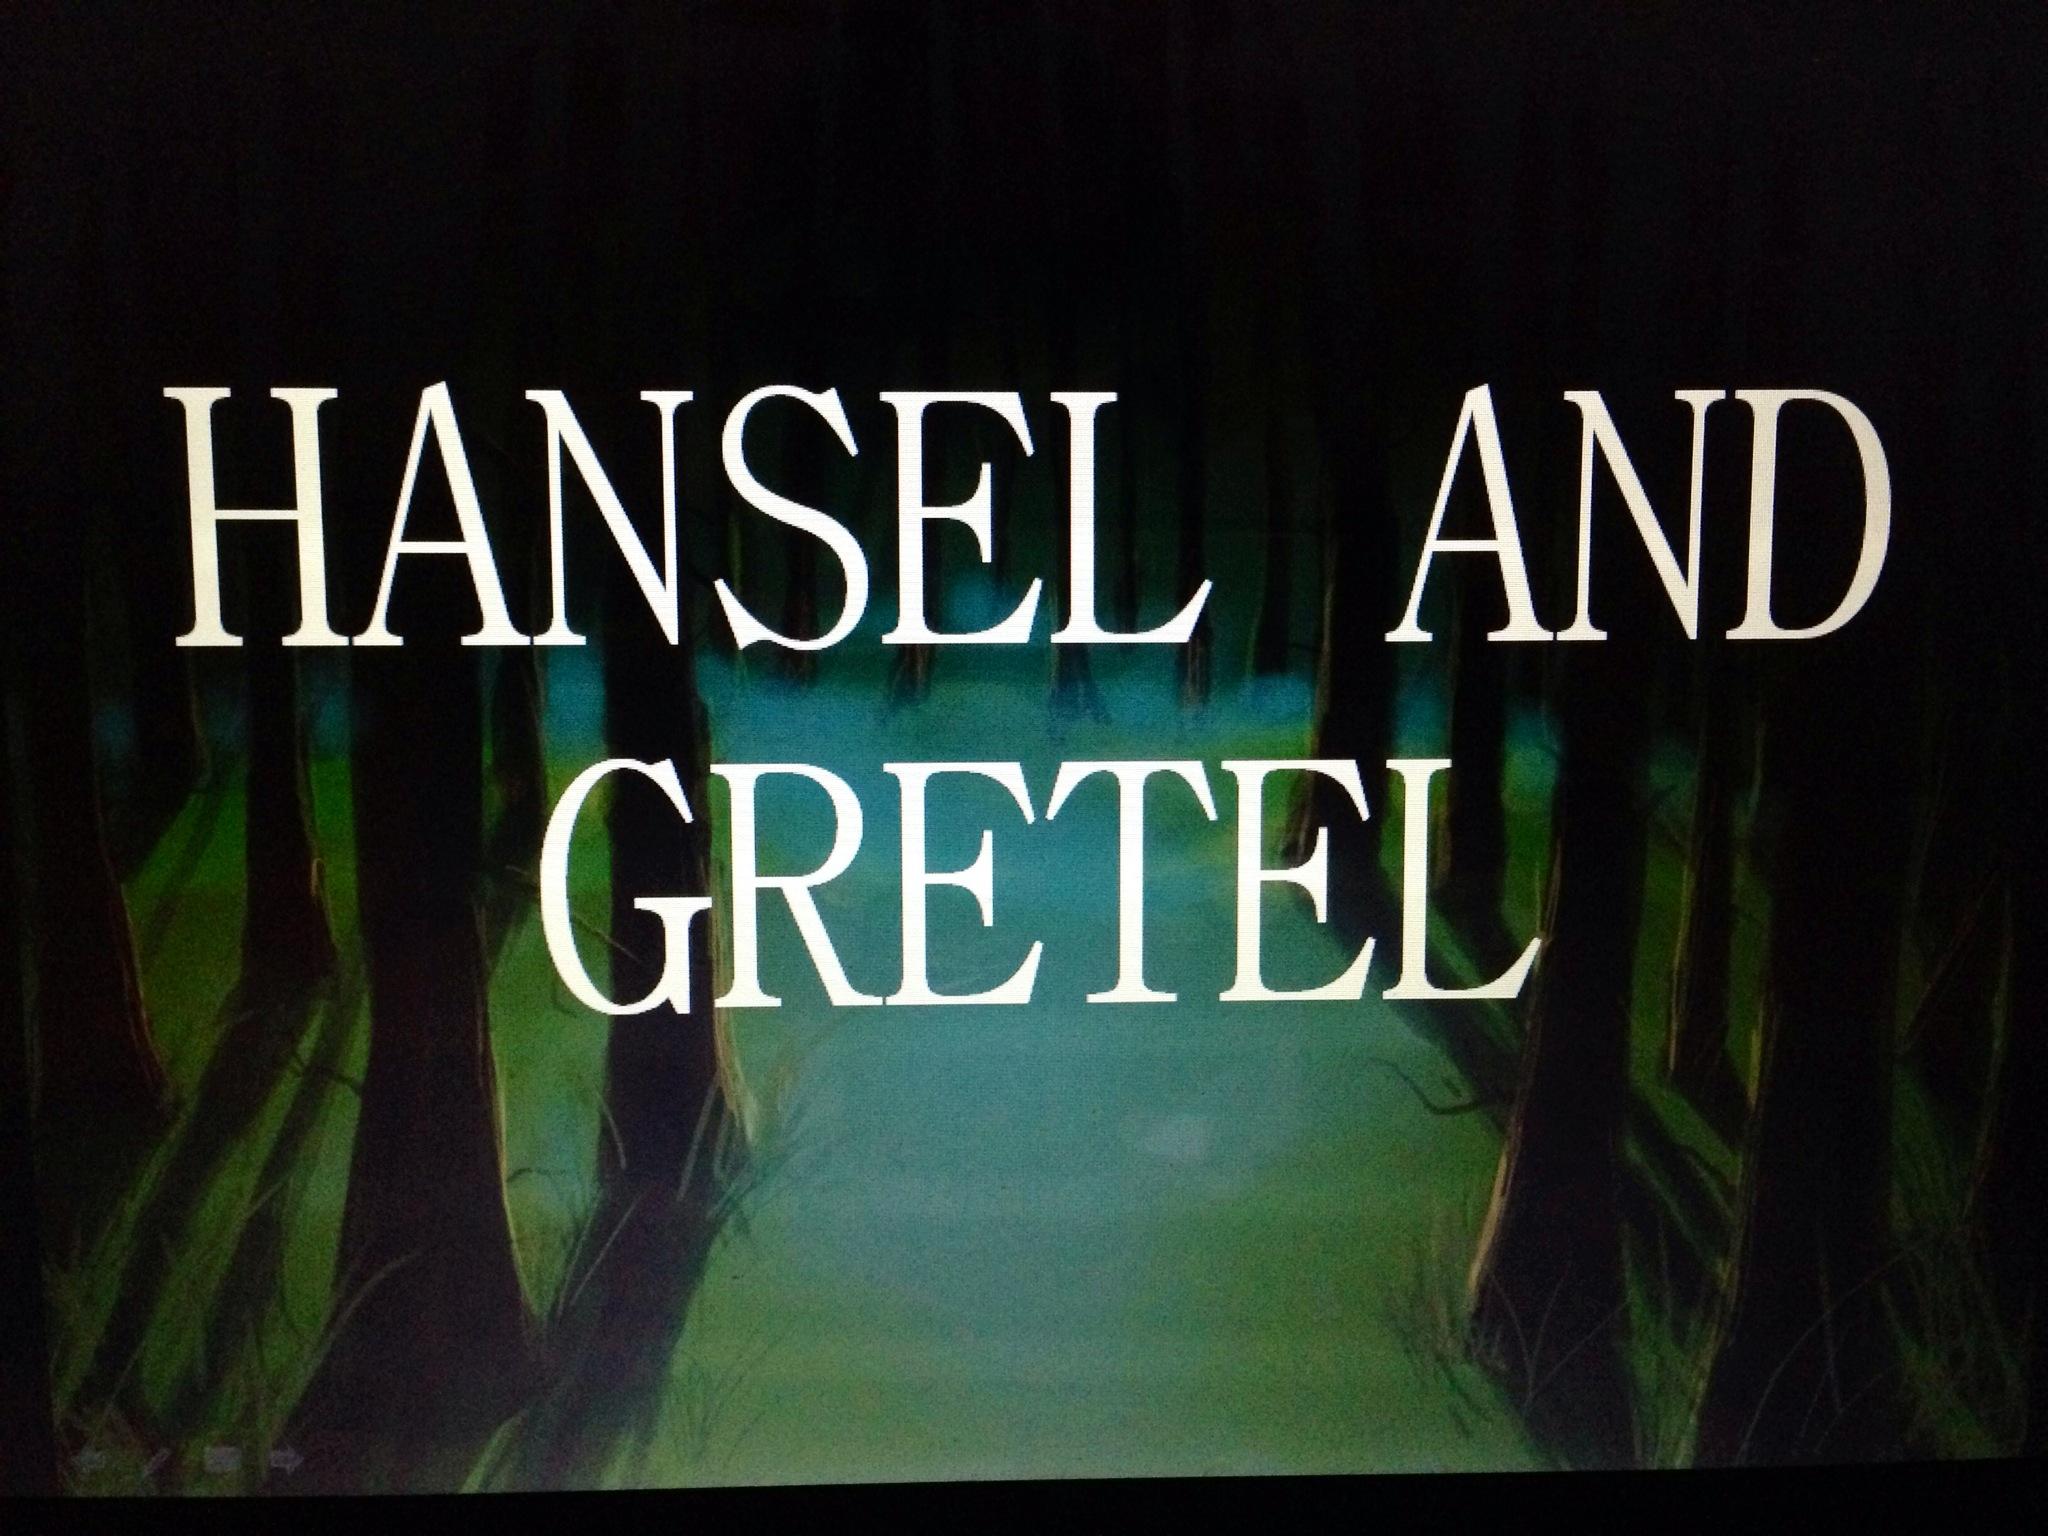 hansel and gretel soundtrack ending relationship